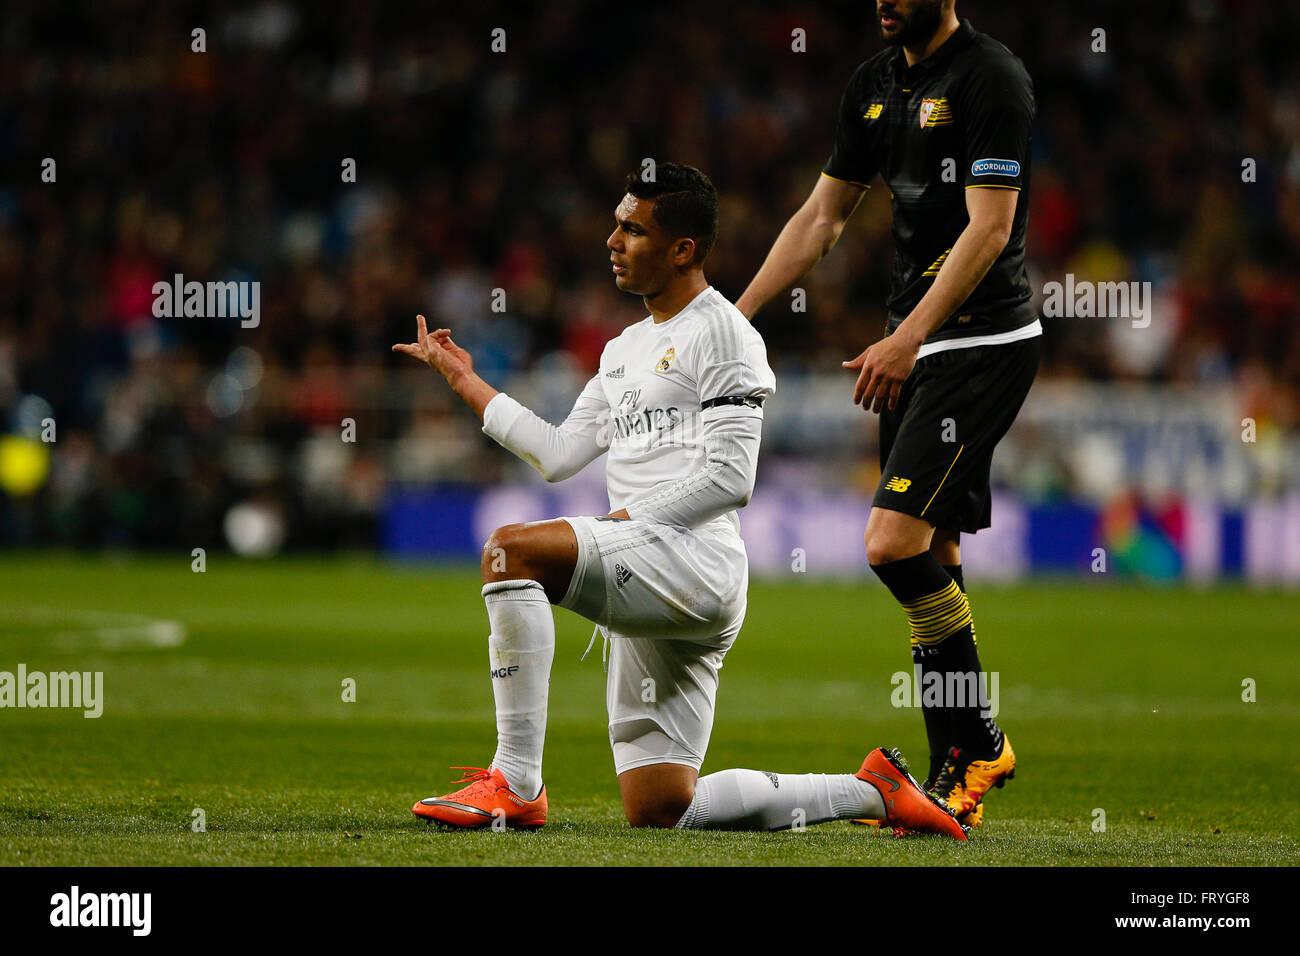 20 03 2016 Madrid Spain Carlos Enrique Casemiro 14 Real